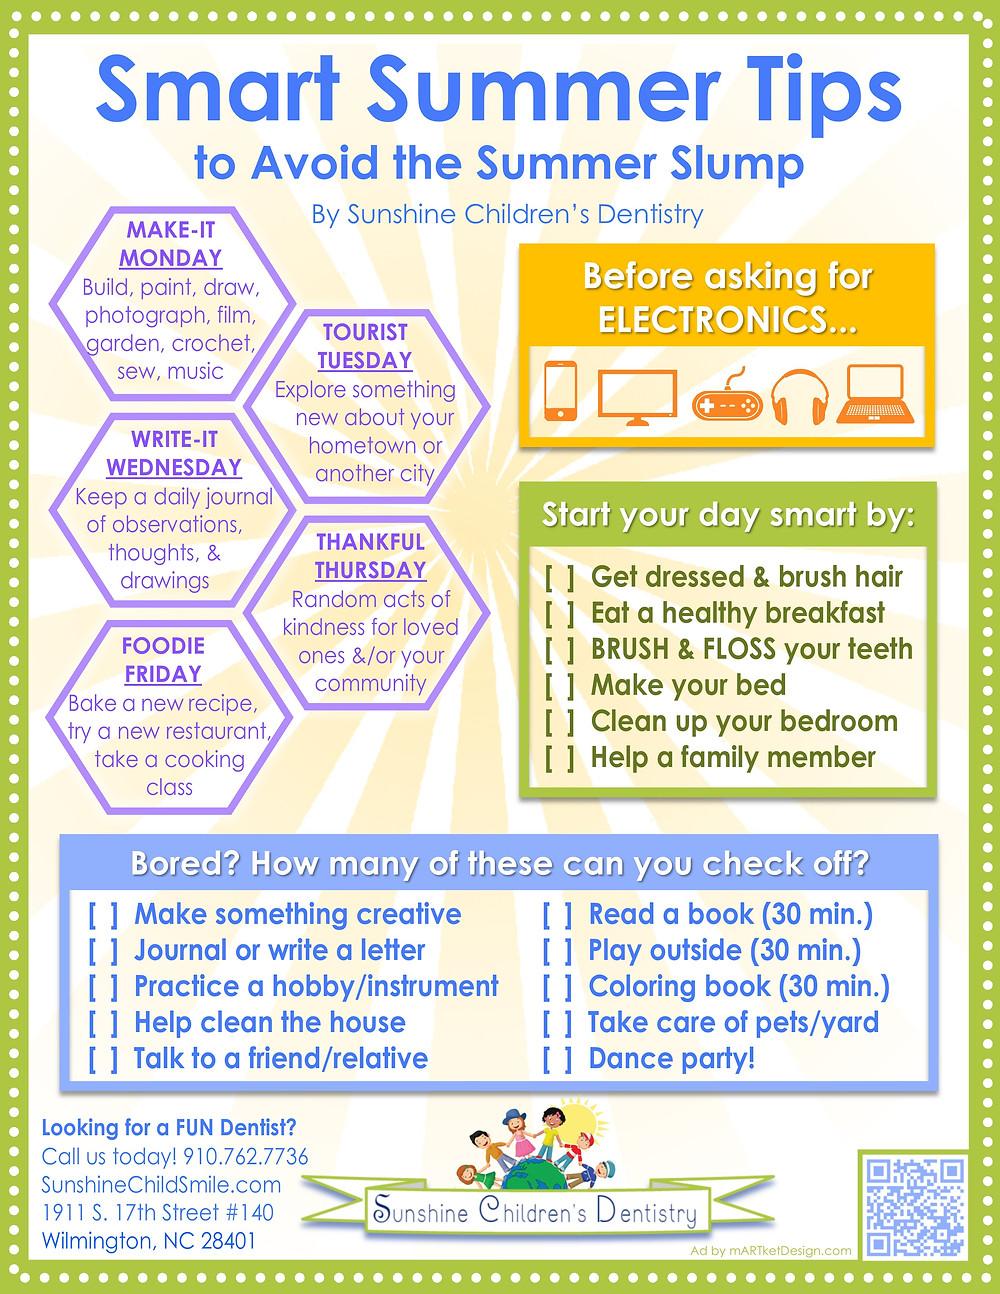 Smart Summer Tips to Avoid the Summer Slump